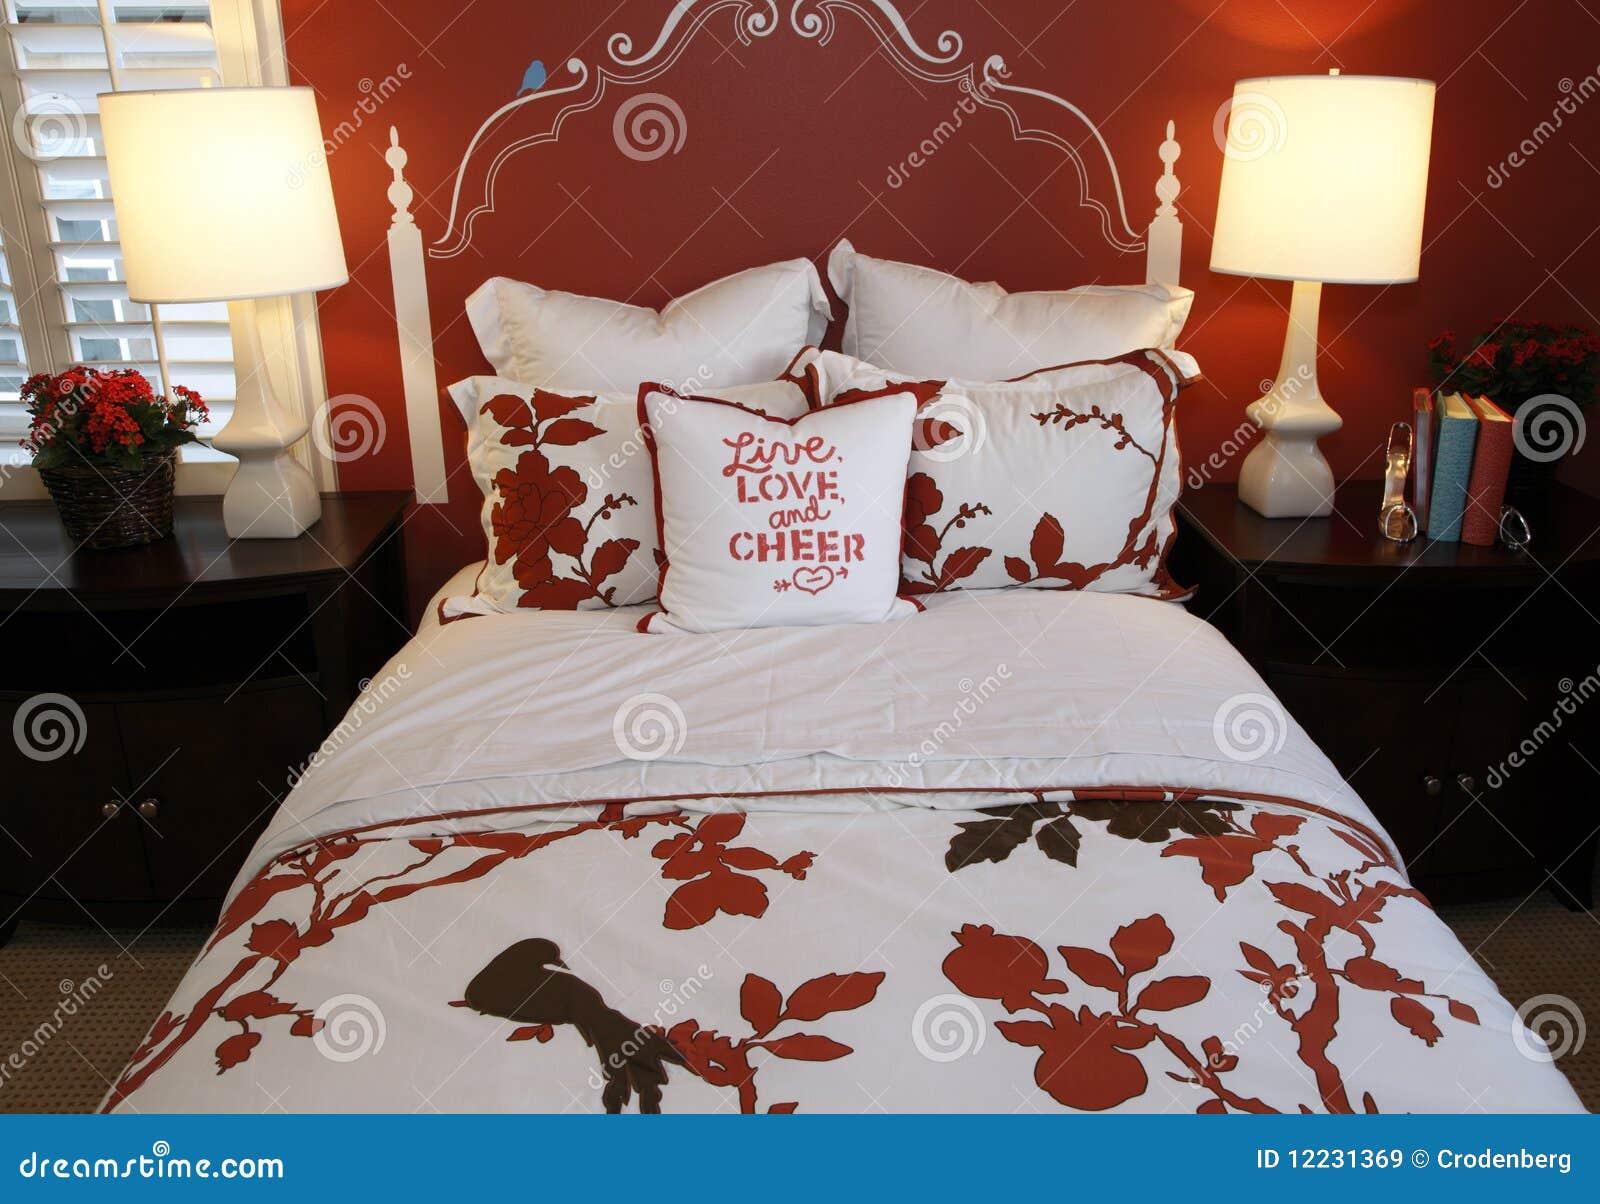 Piccola da letto Camera decorazione : Decorazione Di Camera Da Letto : Decorazione Della Camera Da Letto ...